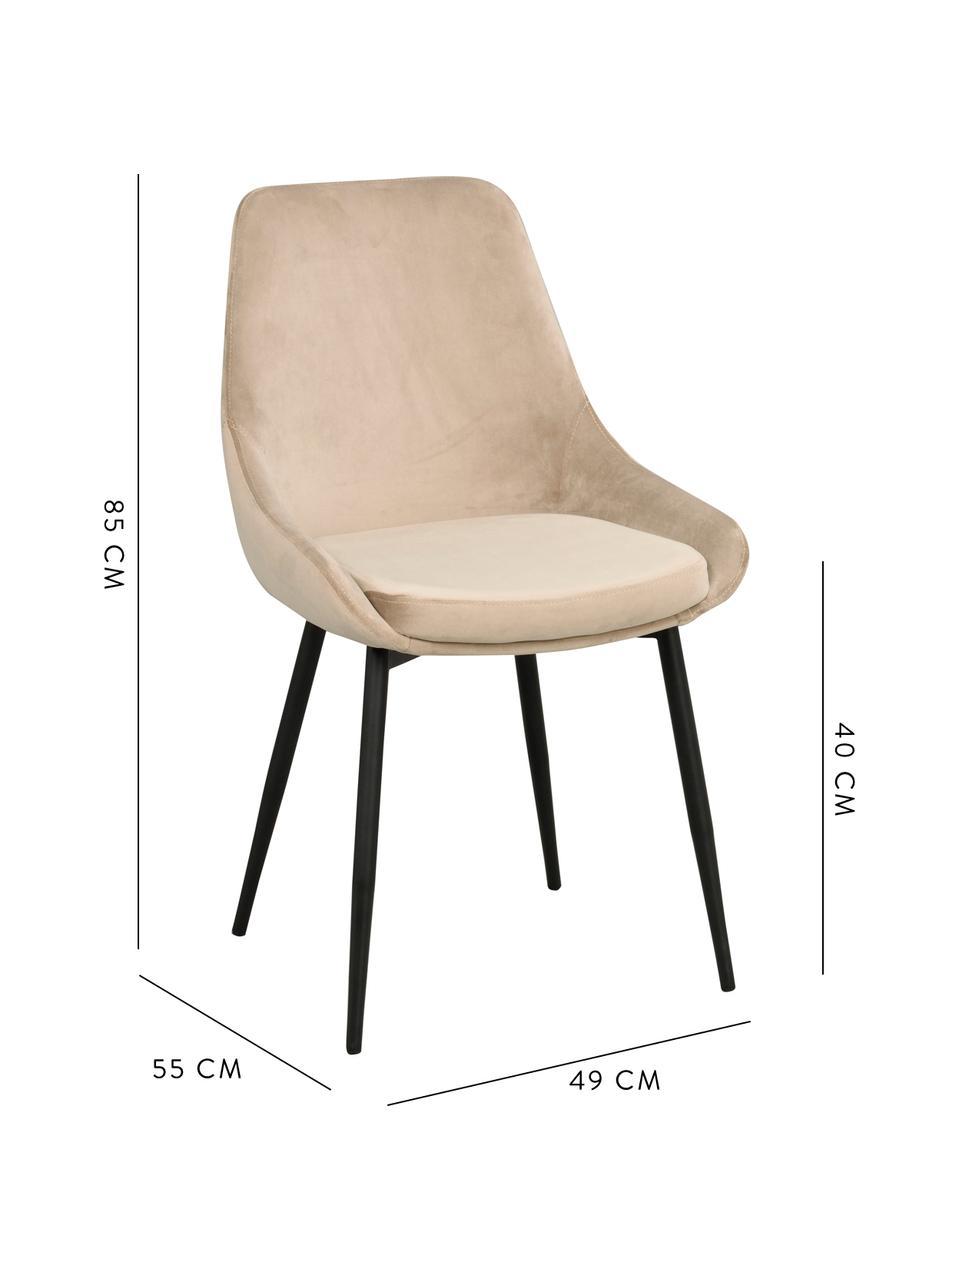 Sedia imbottita in velluto Sierra 2 pz, Rivestimento: velluto di poliestere Con, Gambe: metallo verniciato, Beige, nero, Larg. 49 x Prof. 55 cm